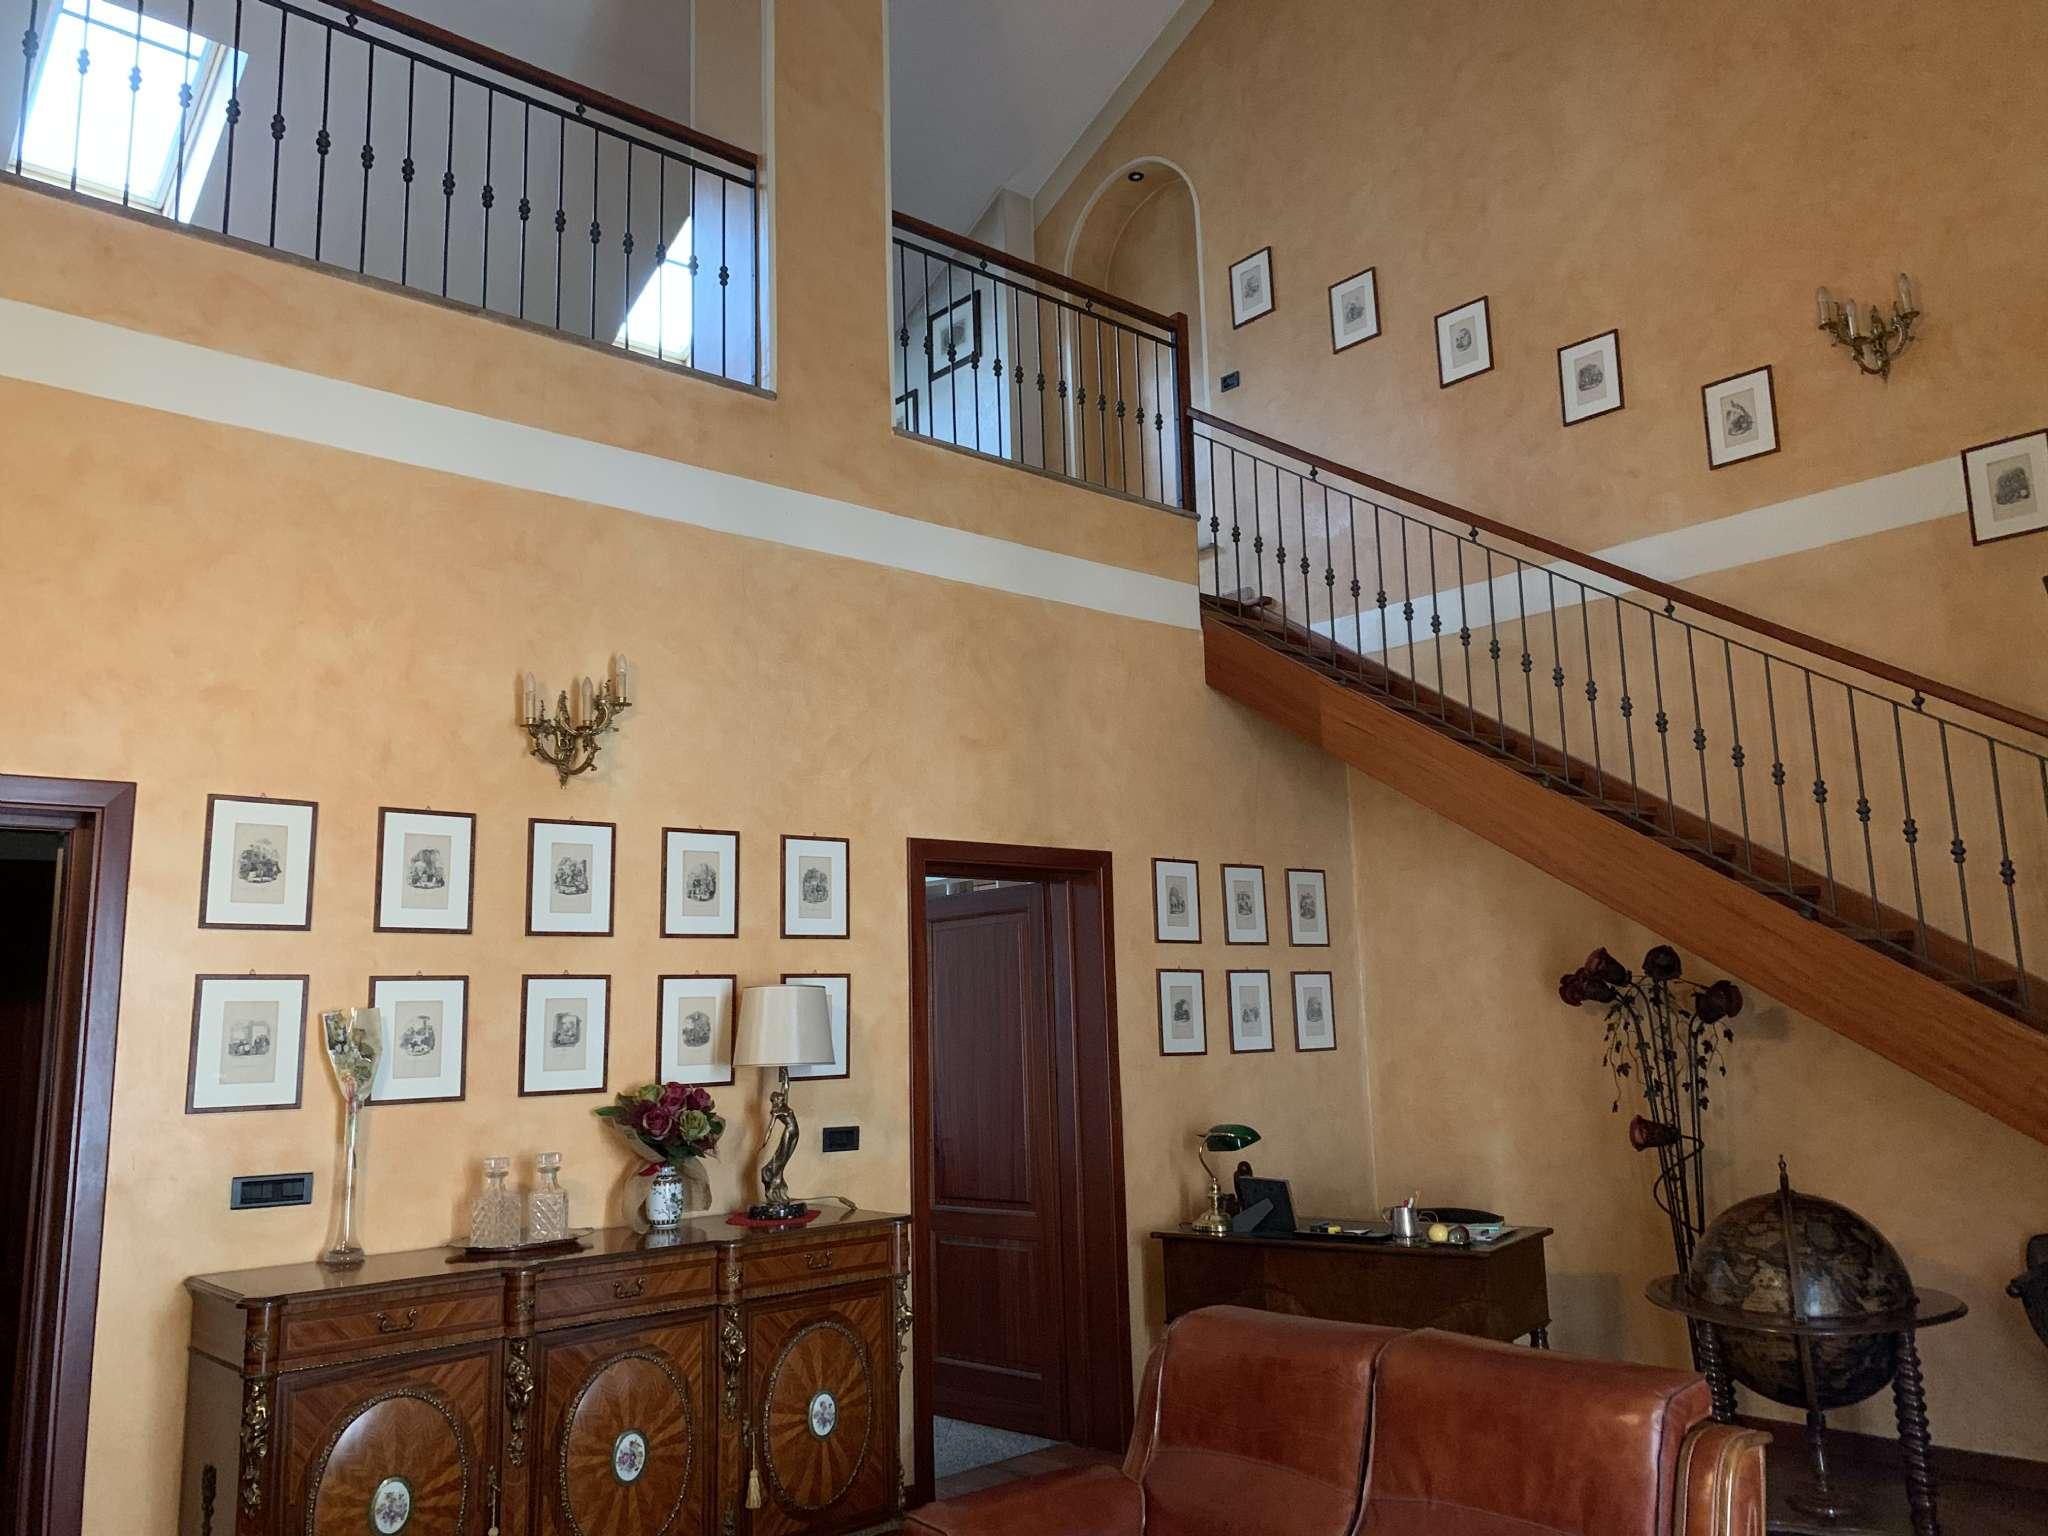 Appartamento in vendita a Torino, 9999 locali, zona Santa Rita, prezzo € 650.000   PortaleAgenzieImmobiliari.it